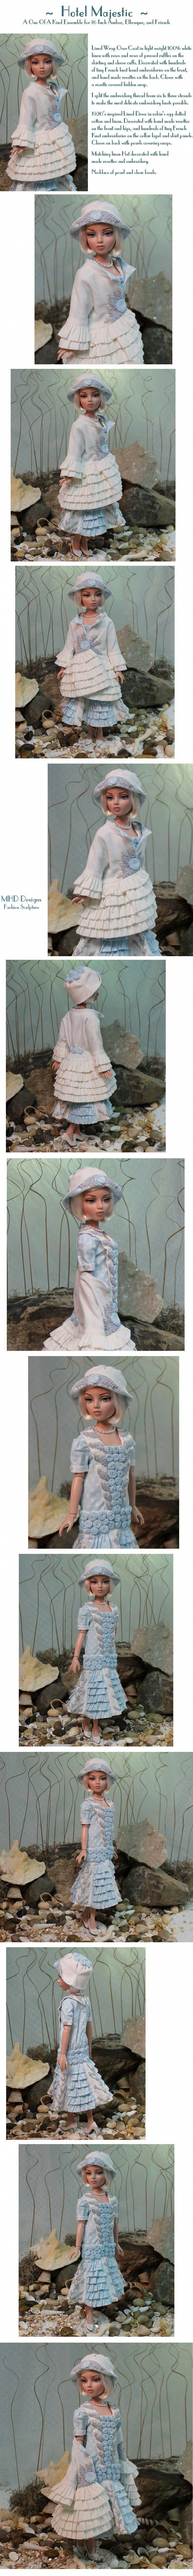 #PorcelainChinaTeaCups id:1679384423 #PorcelainDollsMadeInChina #bratzdollcostume